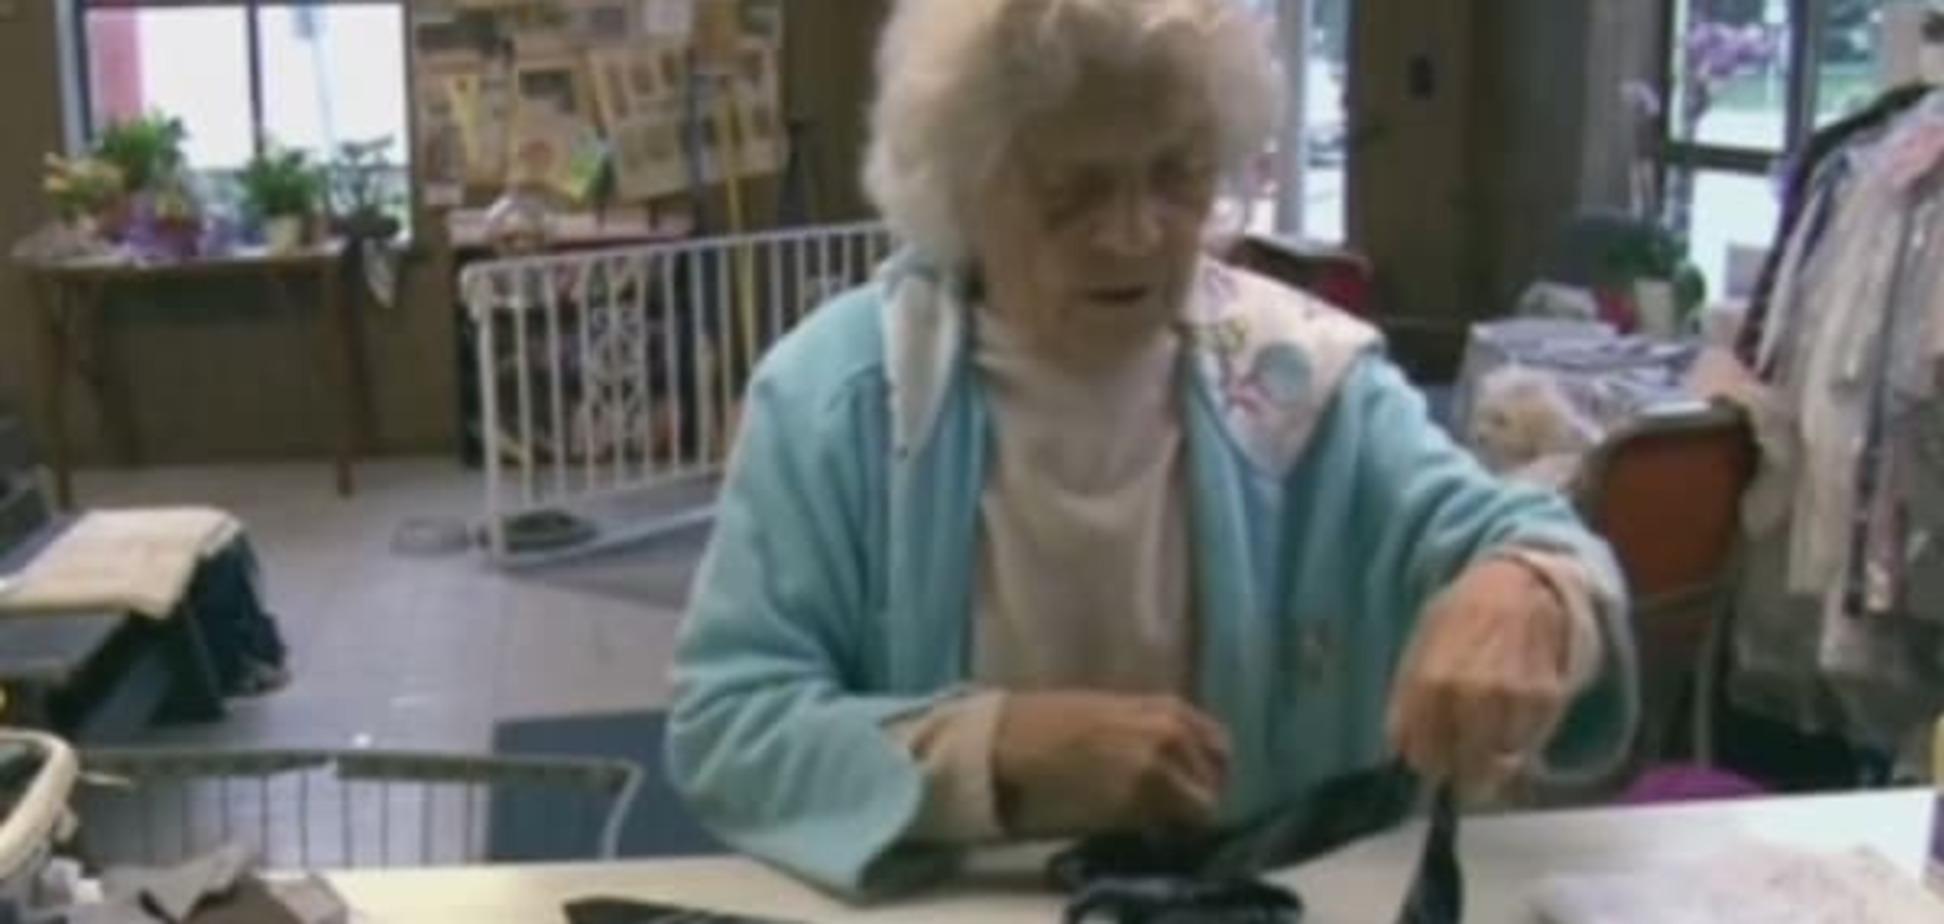 Ни дня покоя: в США 100-летняя старушка трудится как пчелка